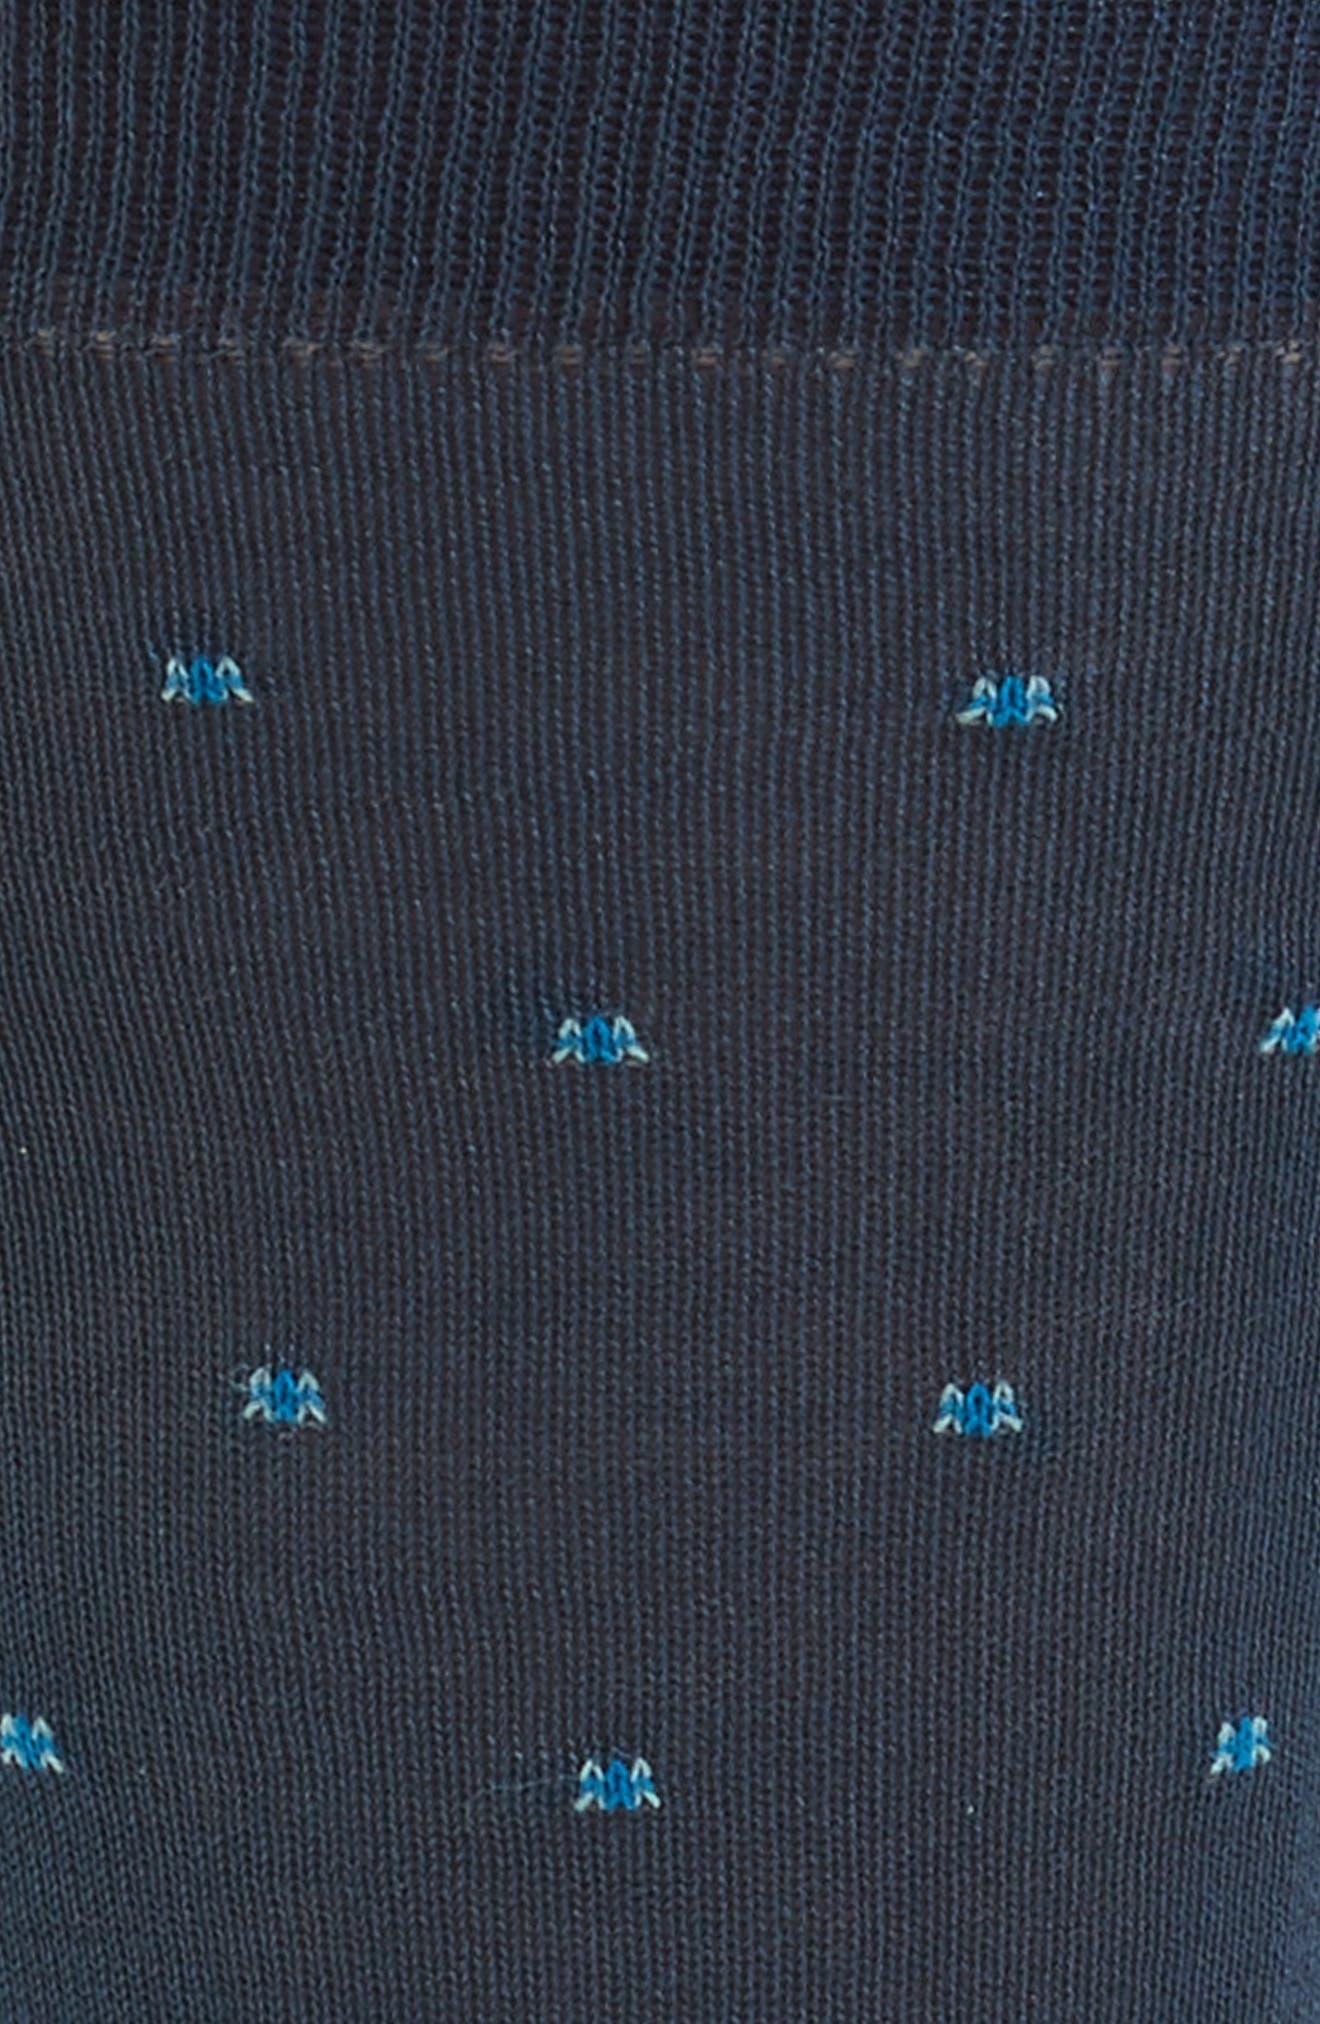 Balfour Dot Socks,                             Alternate thumbnail 2, color,                             Steel Blue